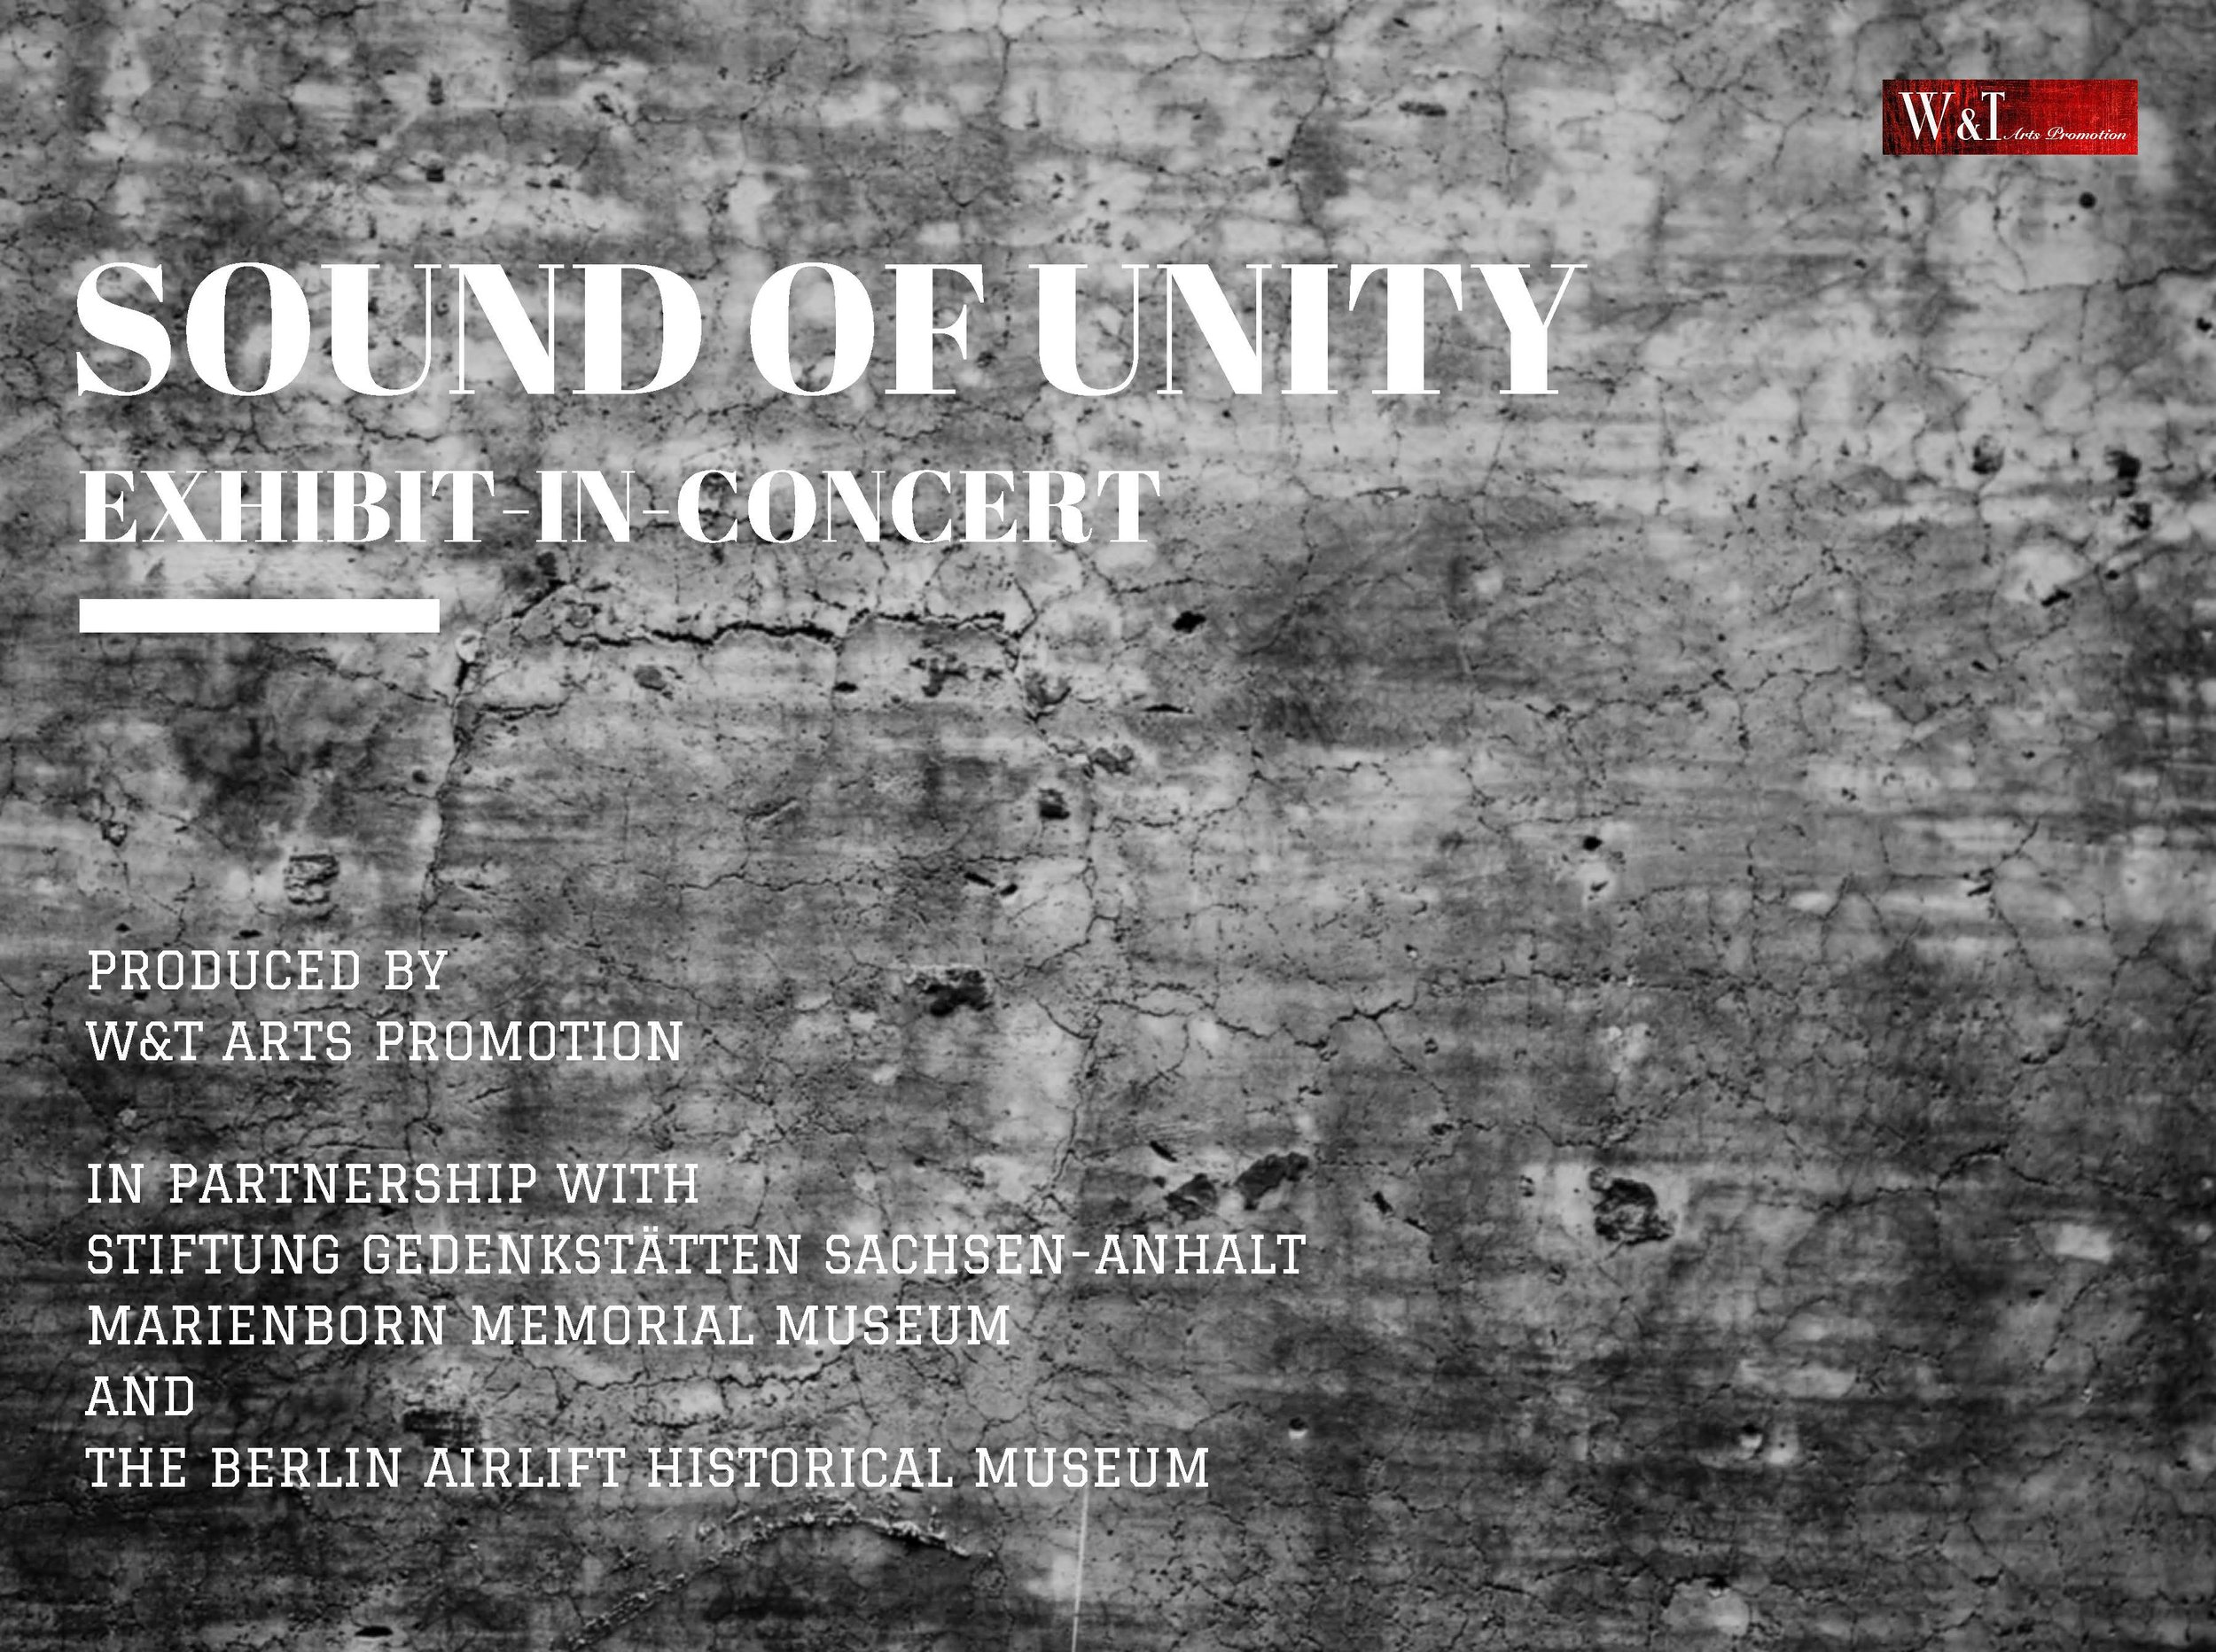 Exhibit-In-Concert New York_Page_1.jpg